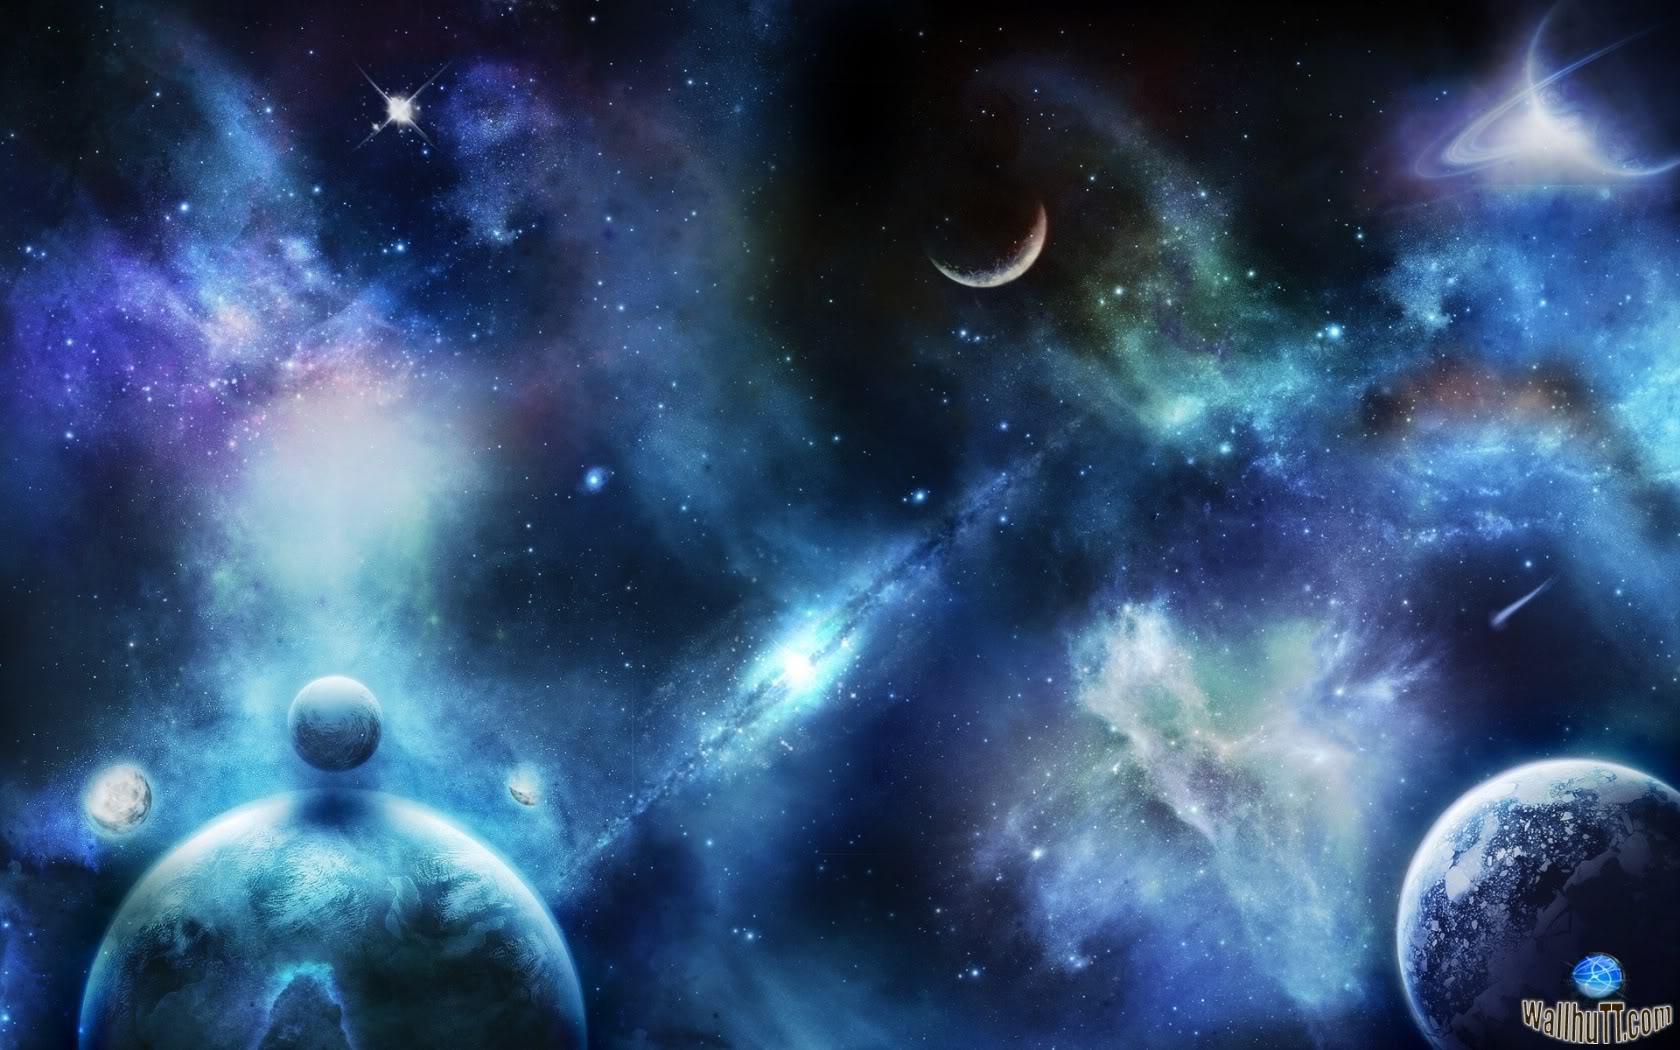 宇宙惑星の背景 Photobucket壁紙 1680x1050 Wallpapertip